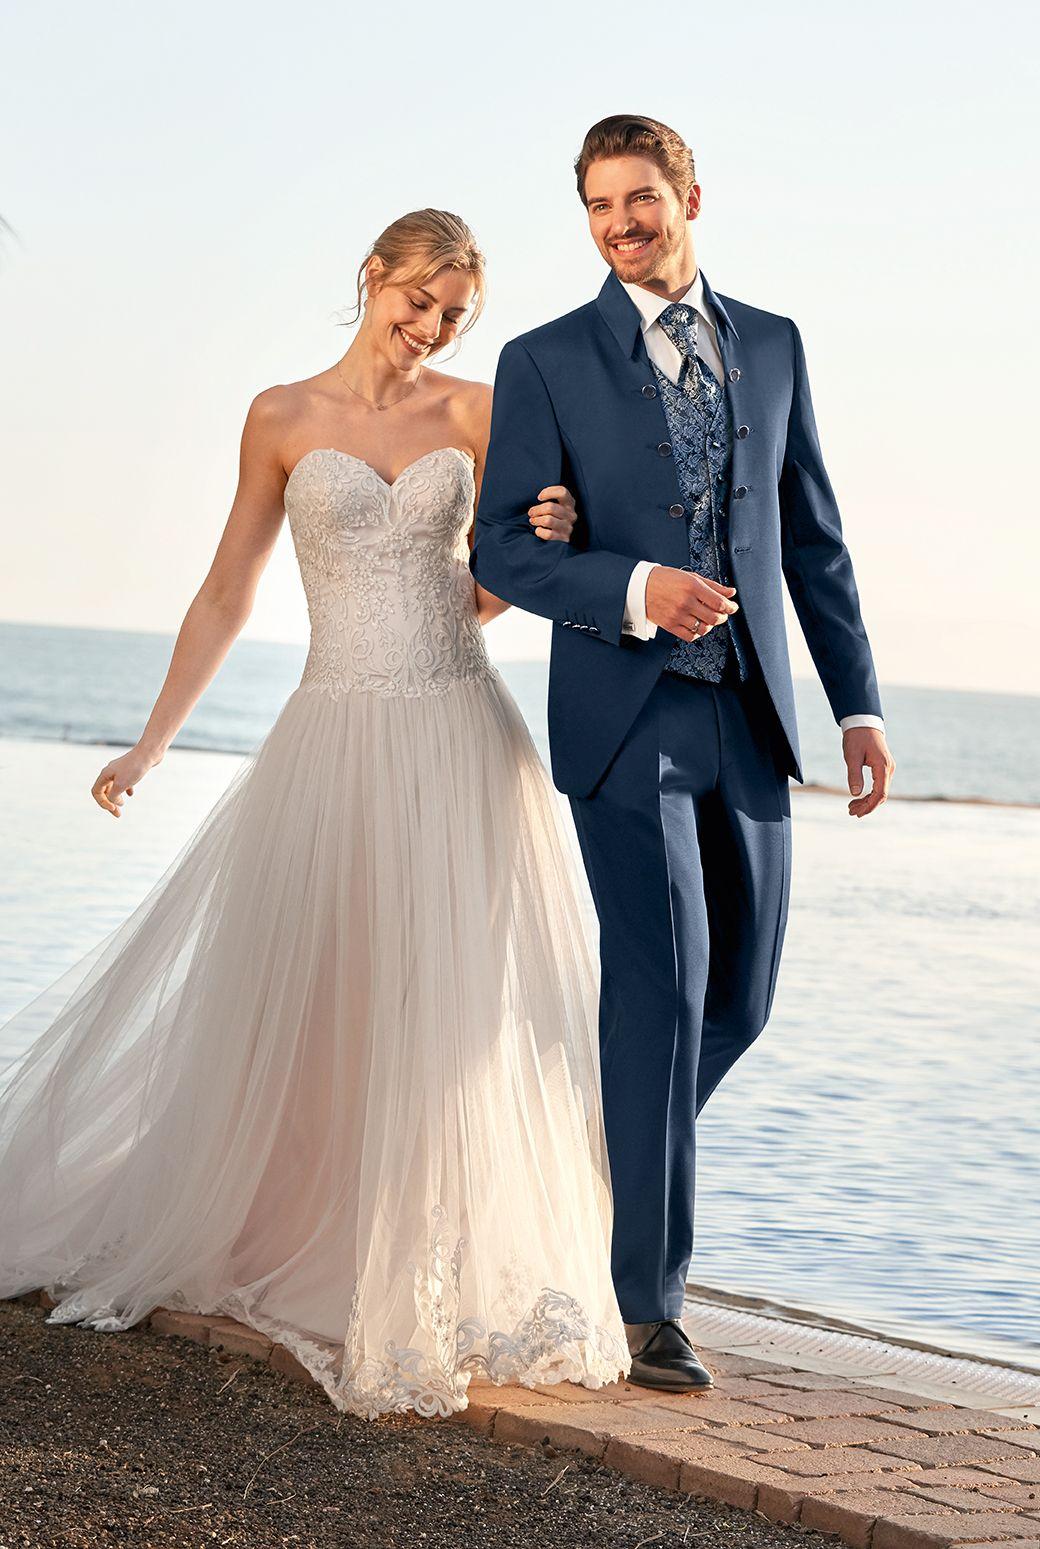 Wilvorst Aftersix Echtemomente Weddingguide Hochzeitsanzug Weddingsuit Hochzeit Wedding Brautigam Gr Hochzeitsanzug Anzug Hochzeit Brautigam Kleidung